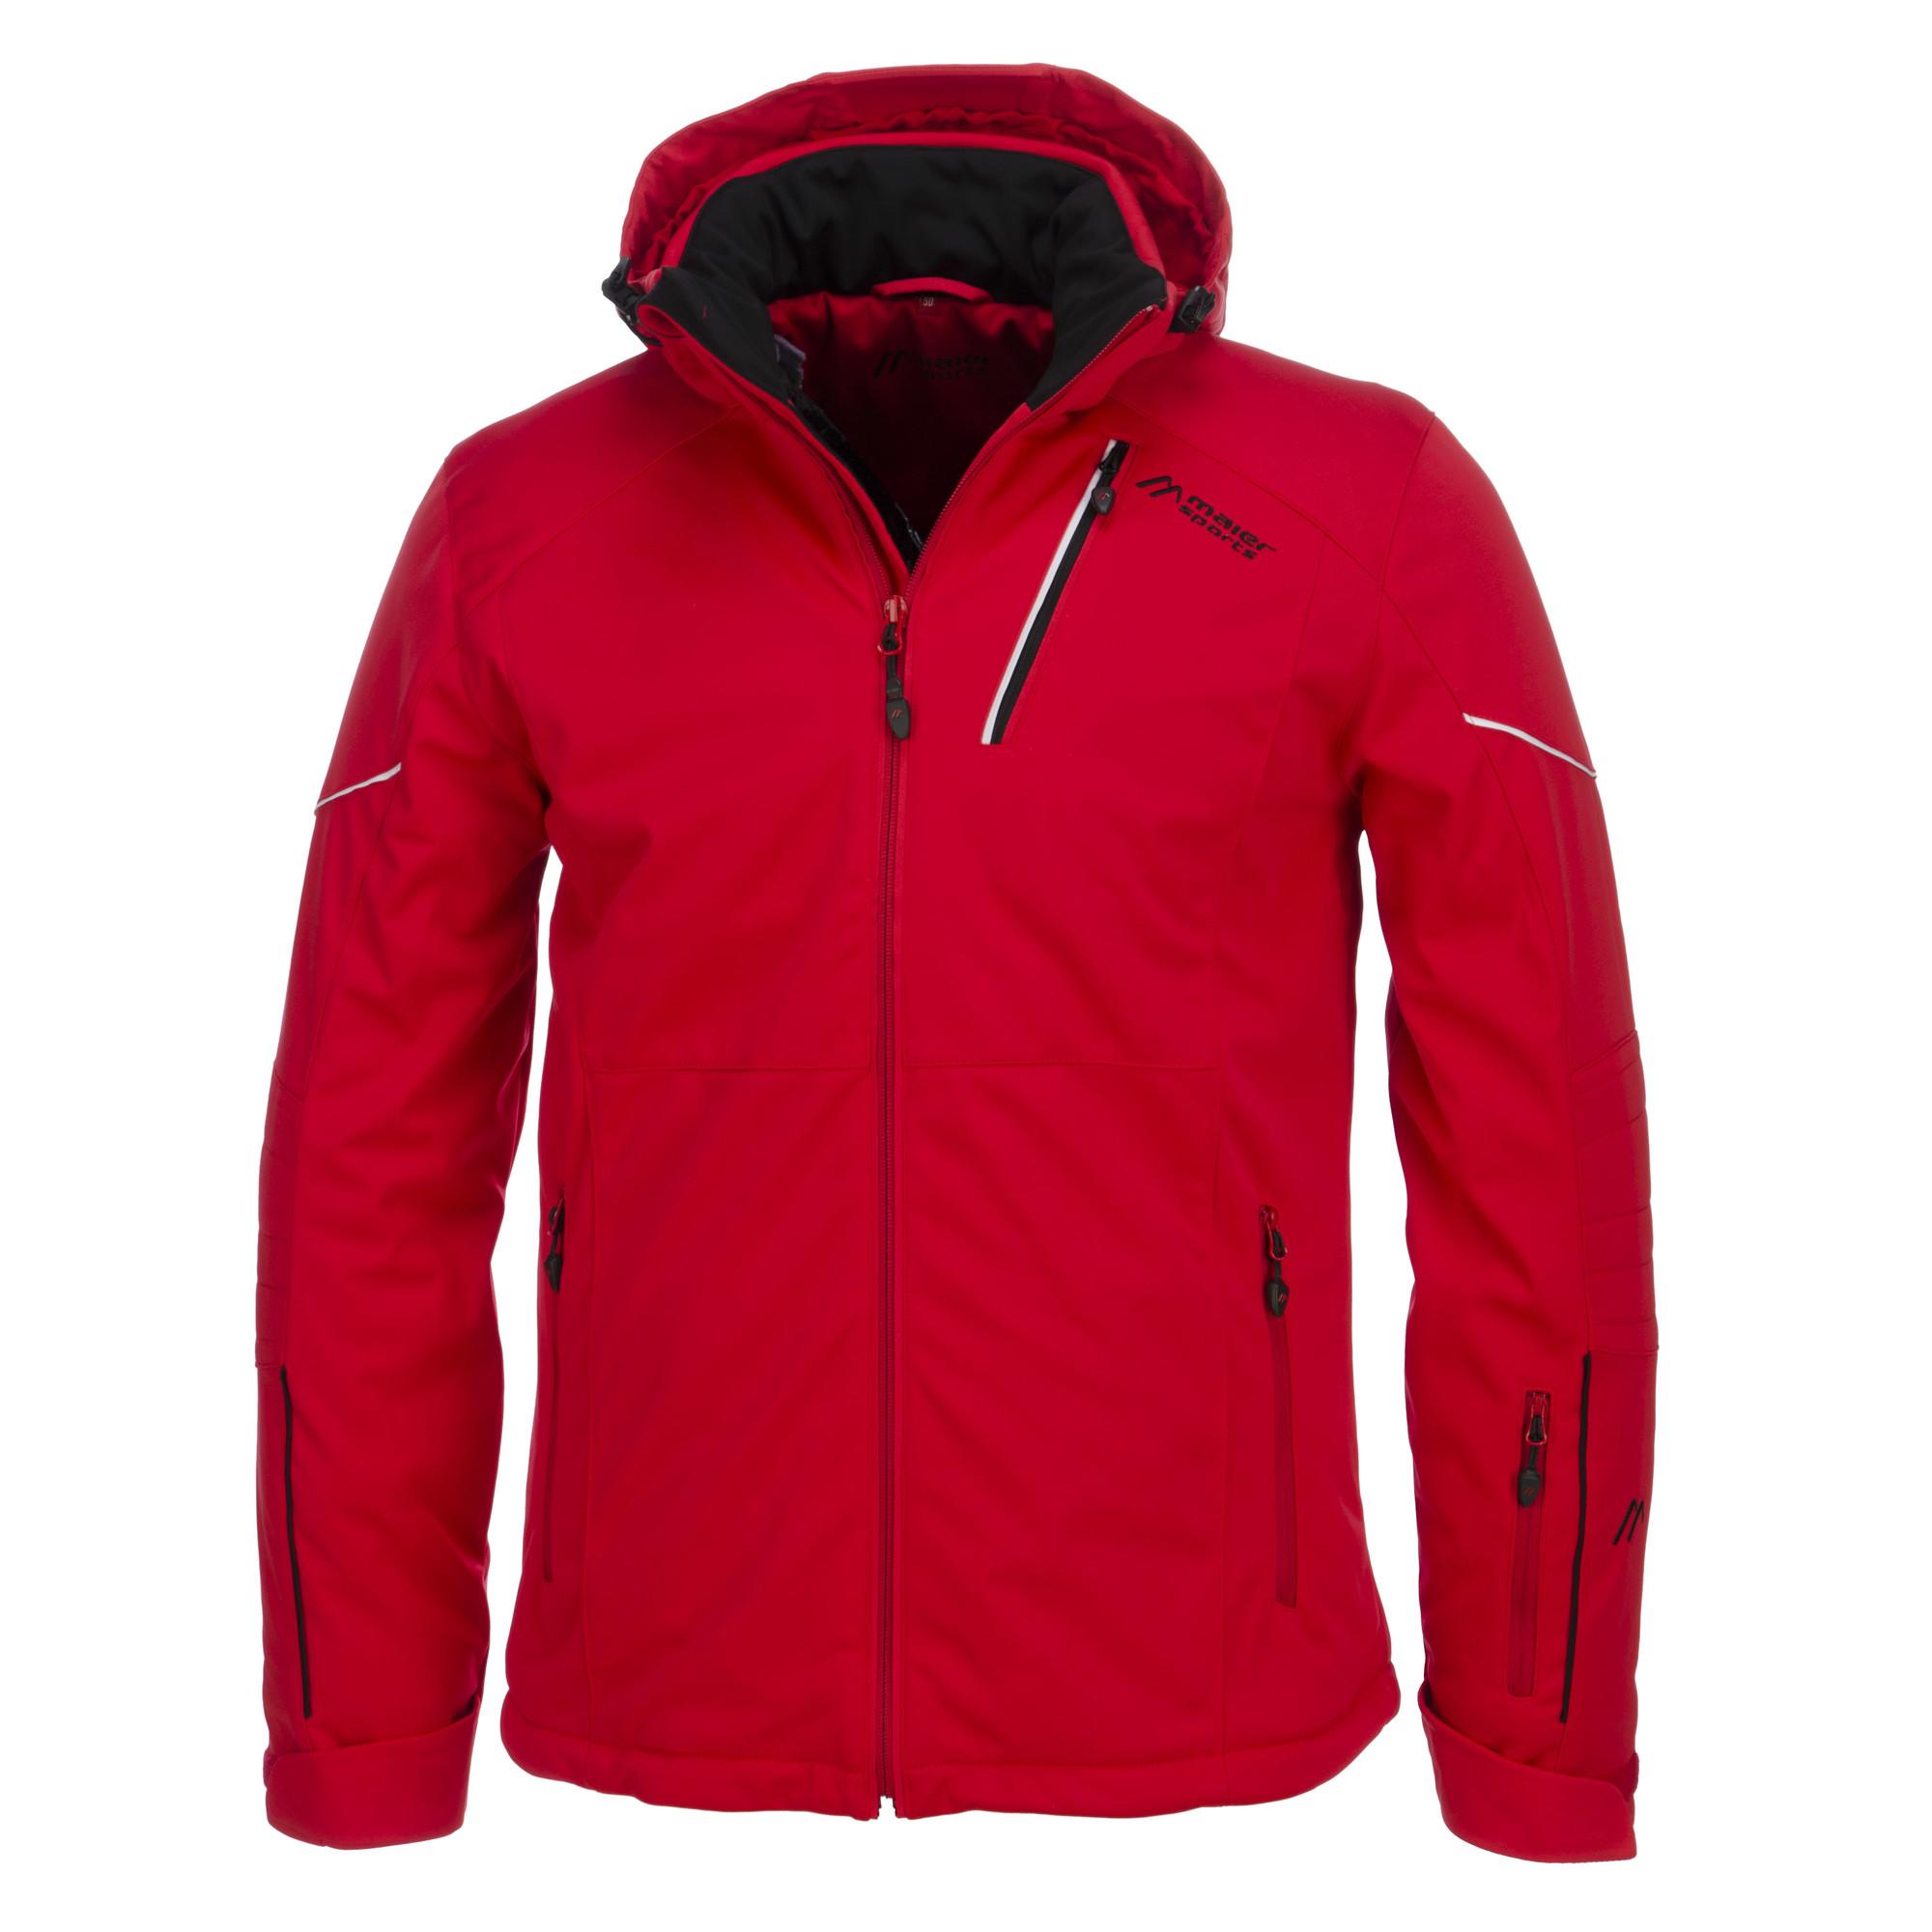 Maier Sports Killington Ski Jacket Men Plus Size Red